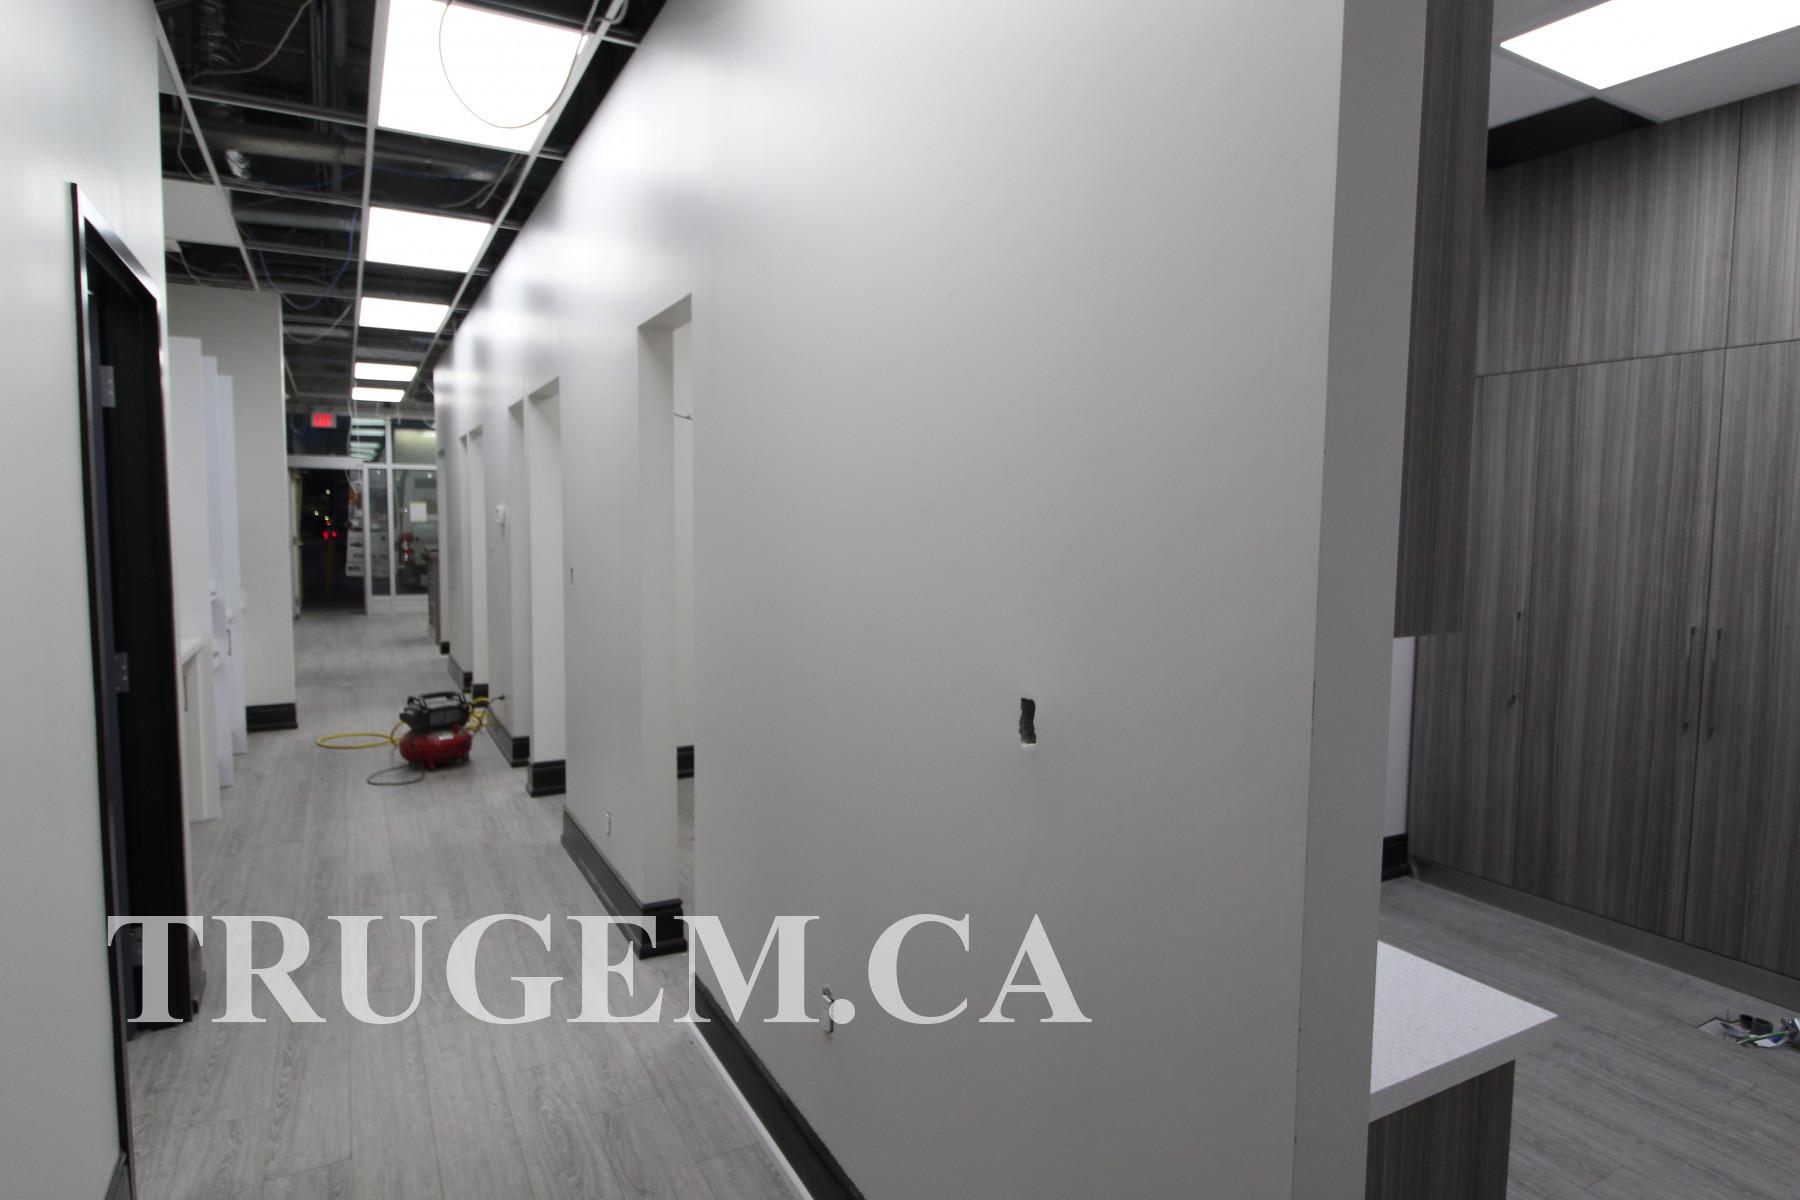 dental office interior design toronto